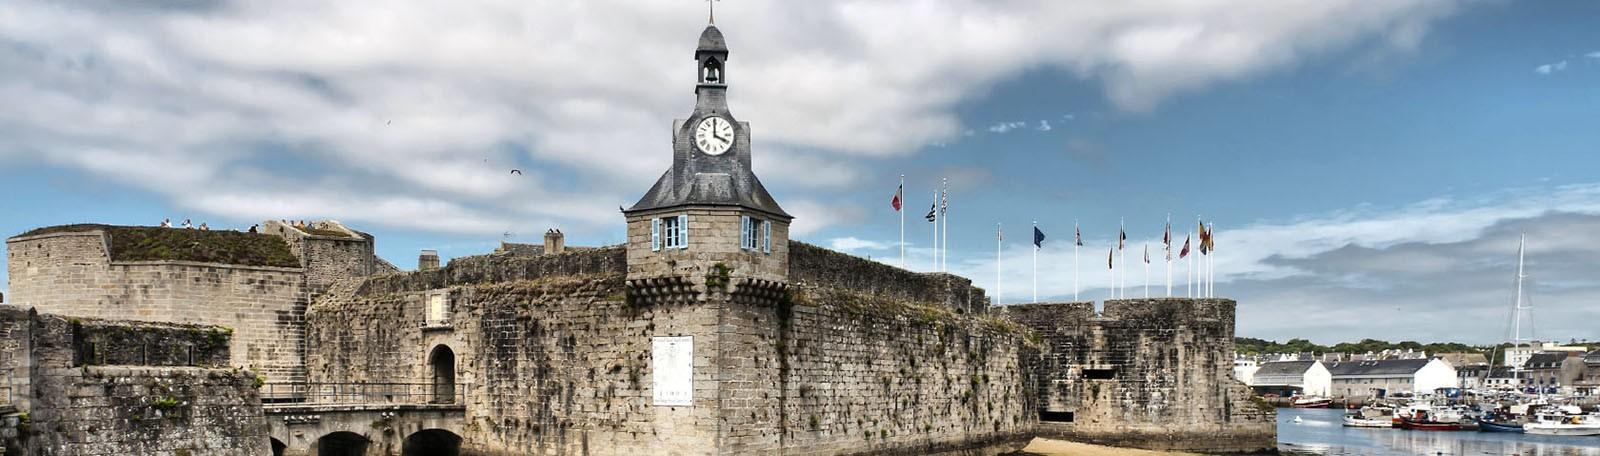 Parking Coat Ar Gueven - 6 Rue Dupleix 29200 Brest